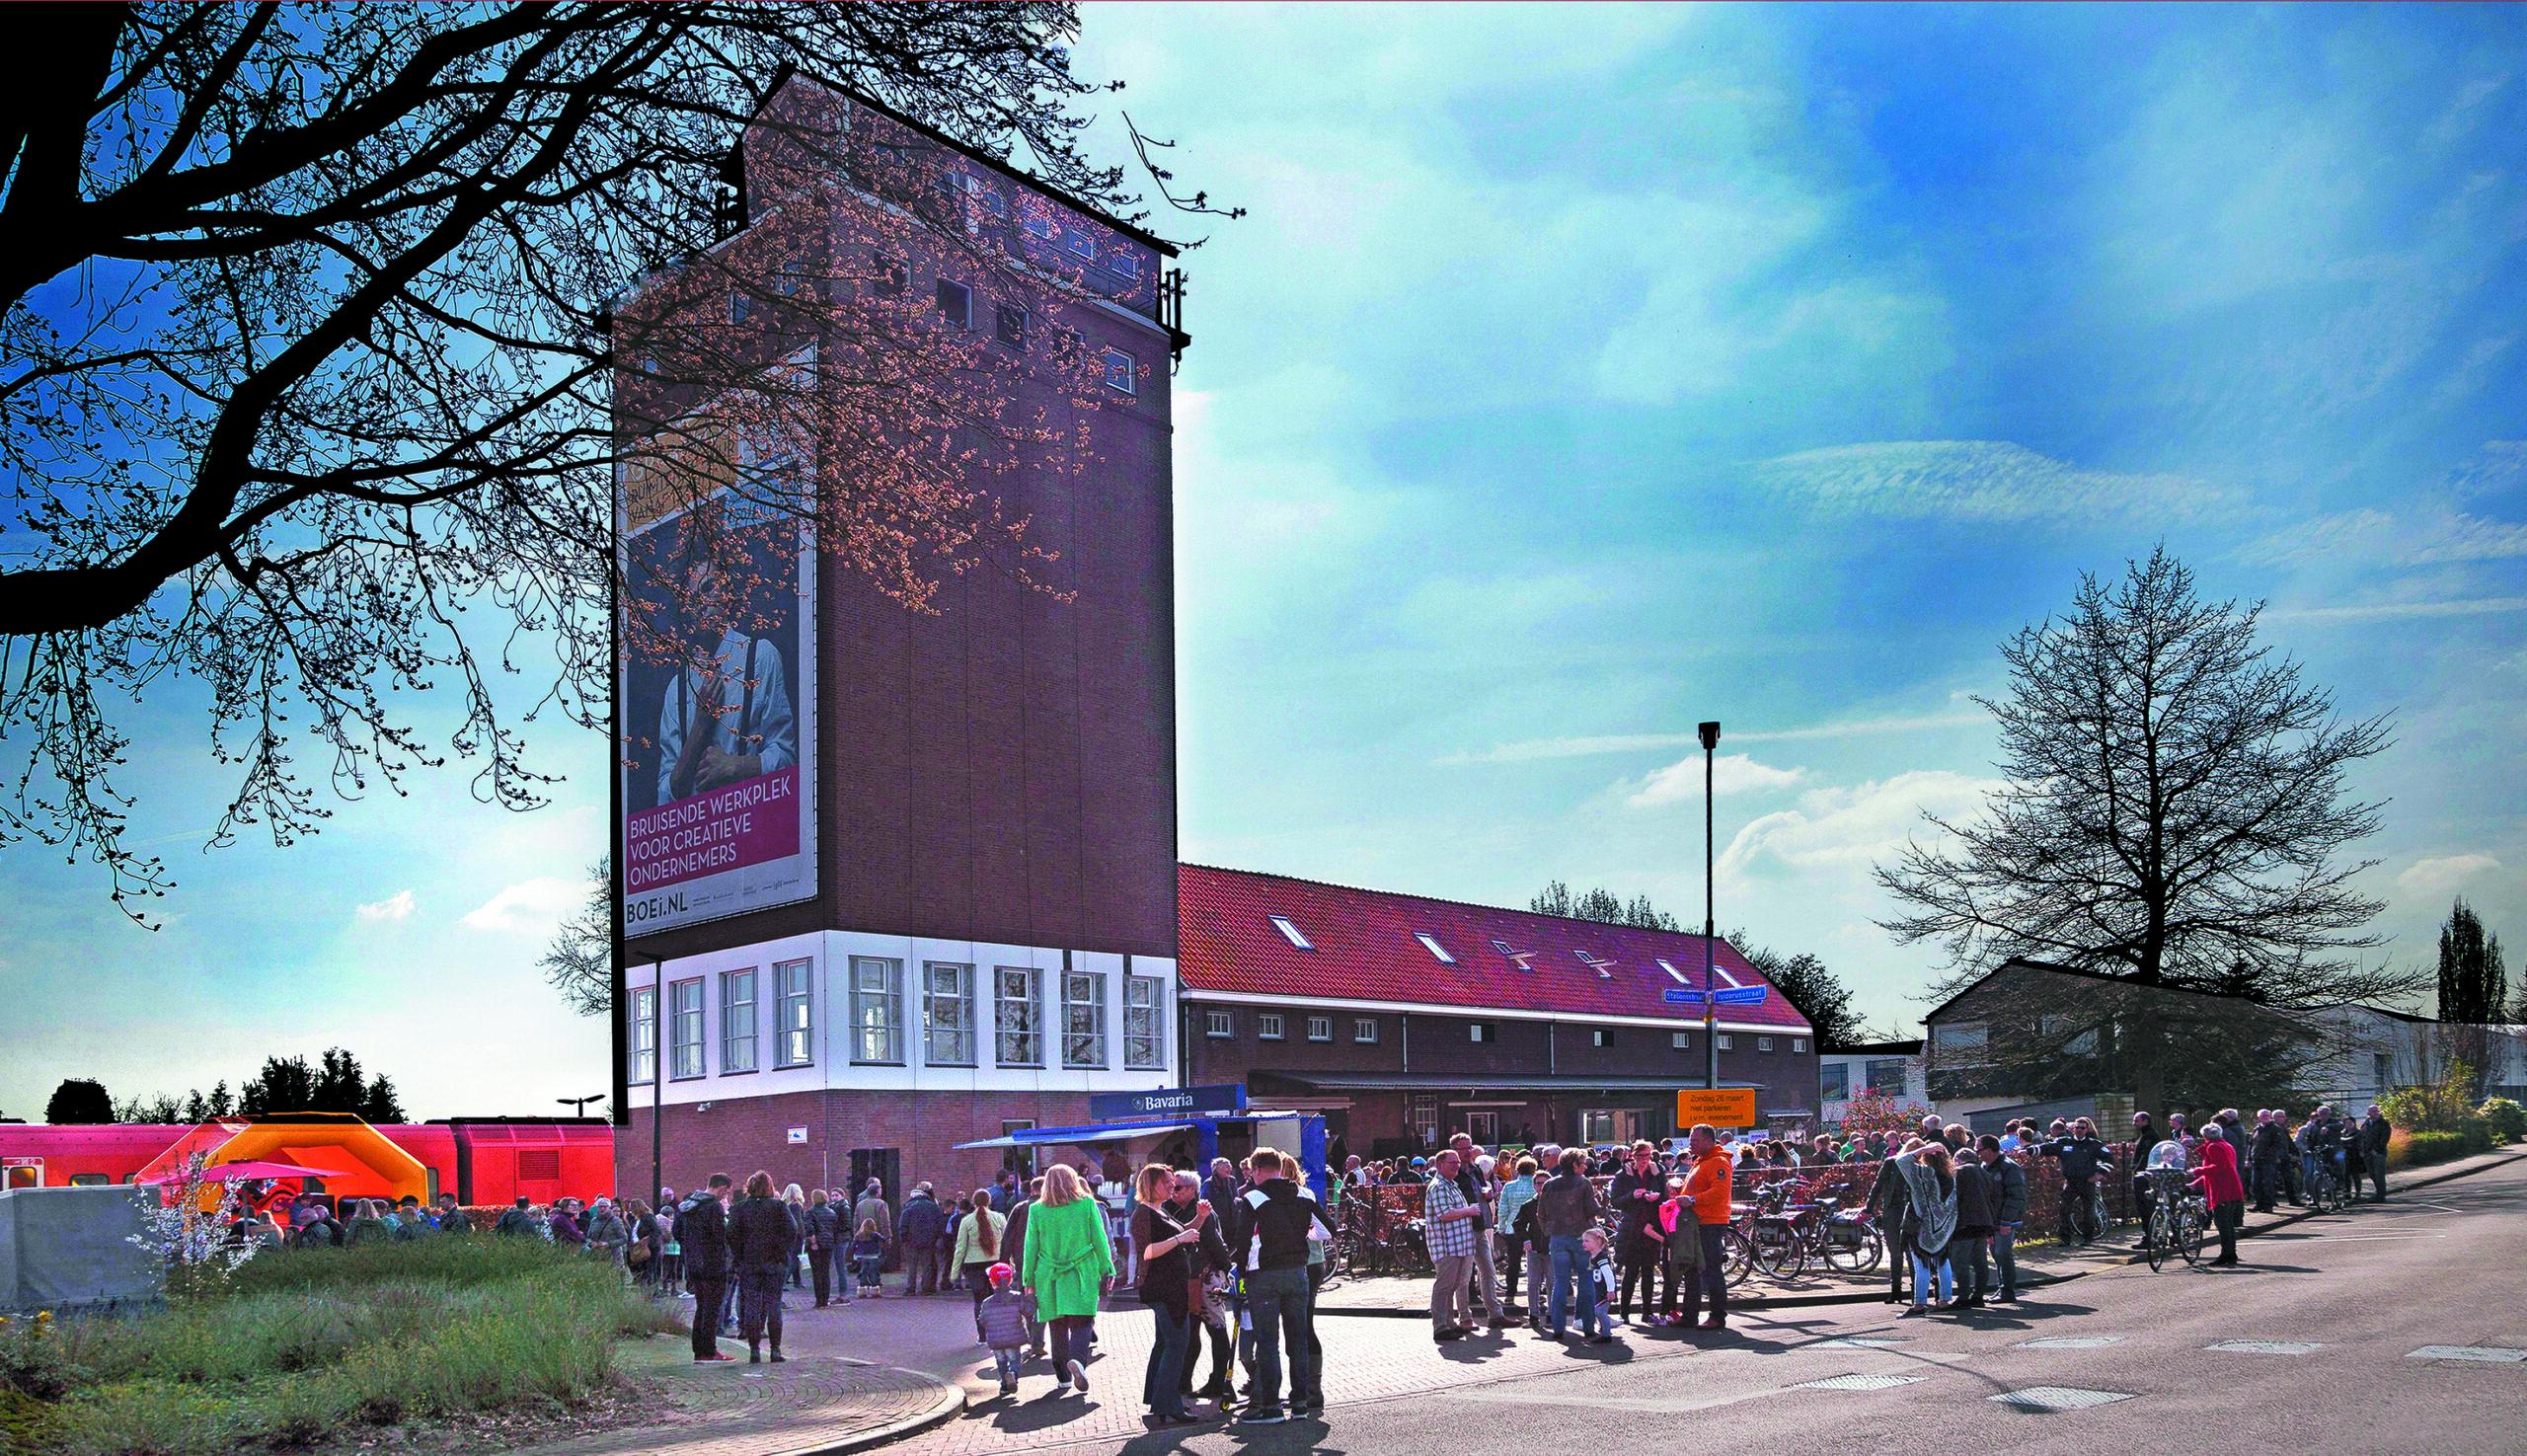 De Graansilo van Wehl – Verzamelpunt van een toekomstbestendig dorp